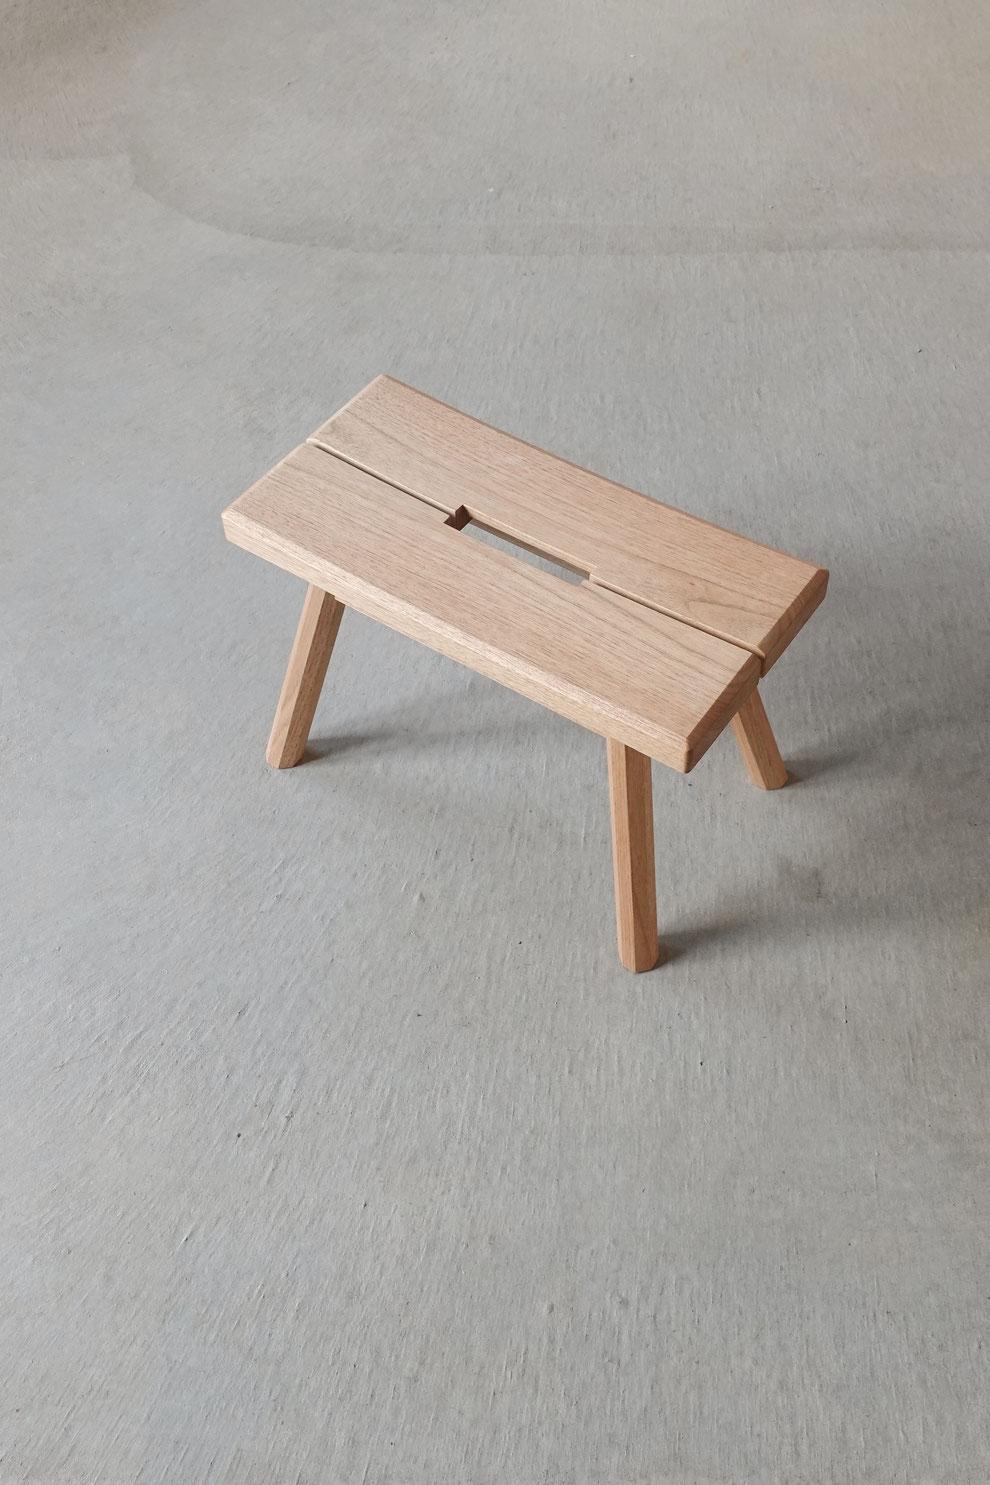 無垢材 天然木 スツール ハンドメイド